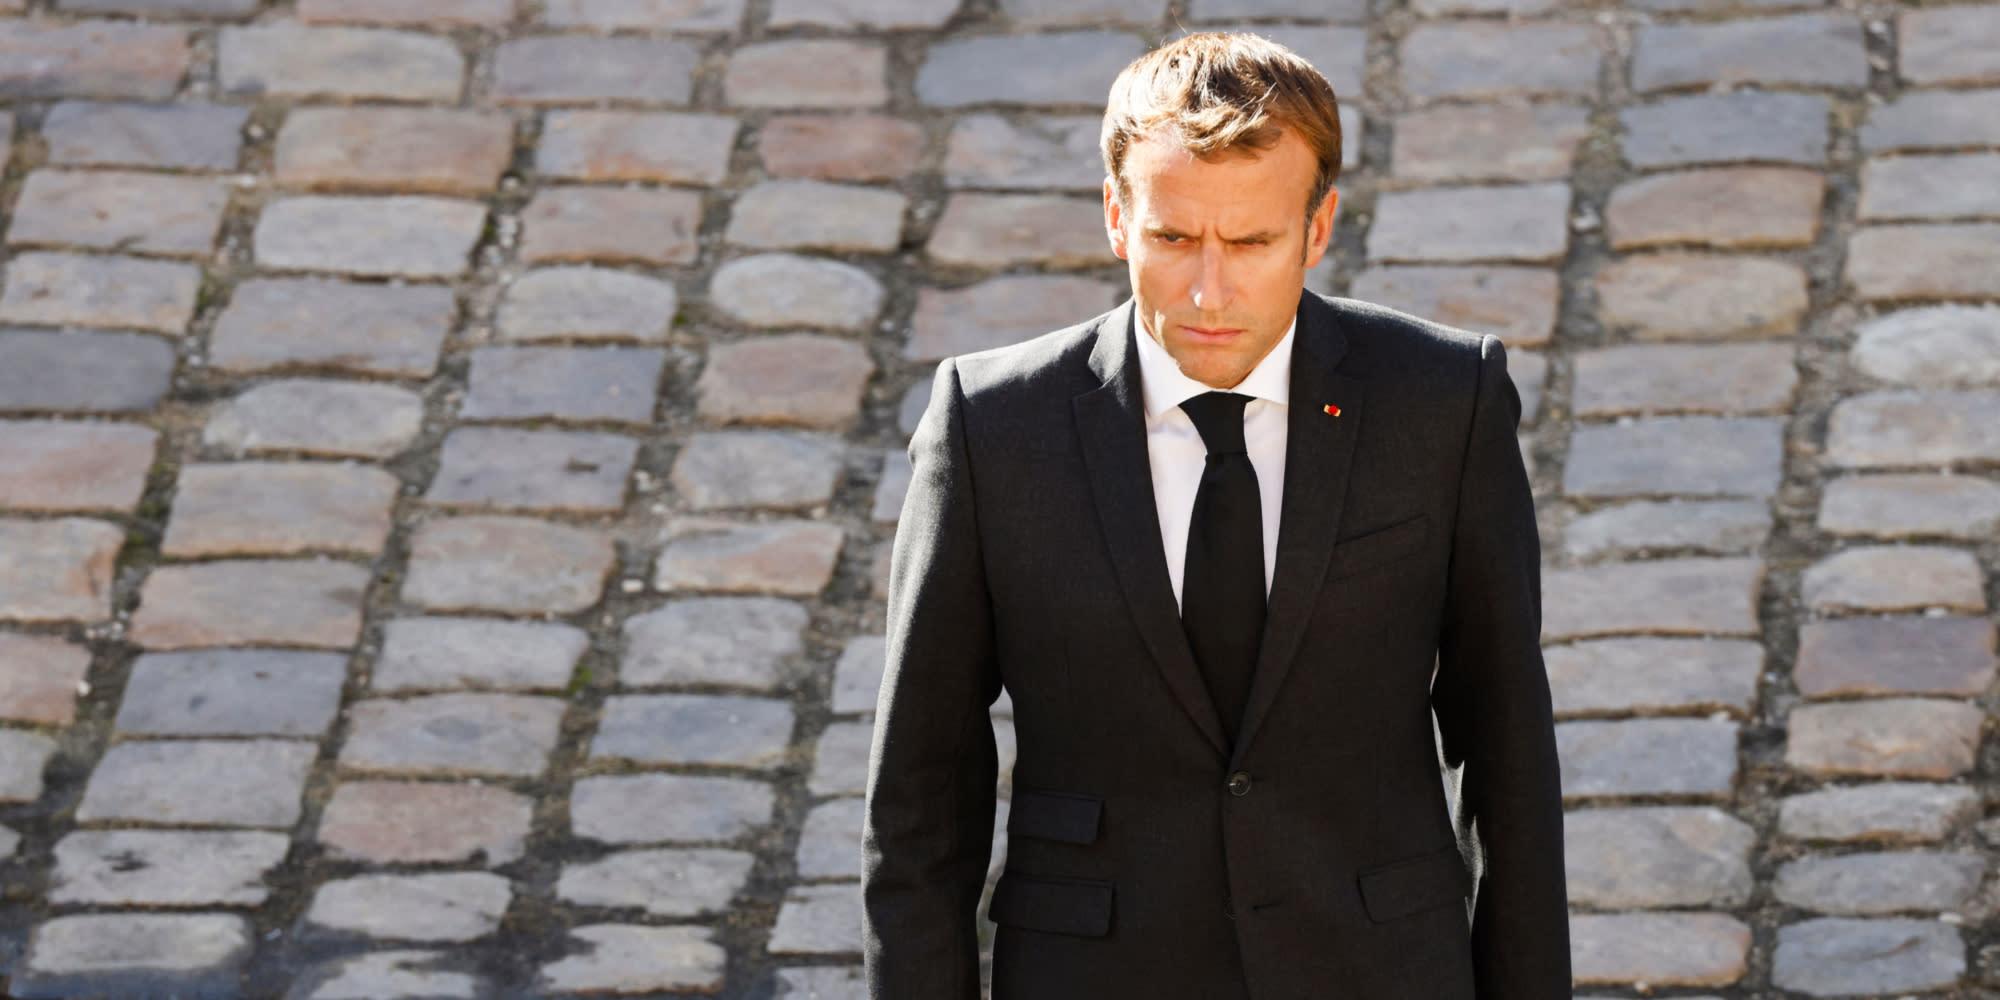 Pourquoi l'hommage à Hubert Germain revêt des enjeux politiques pour Emmanuel Macron